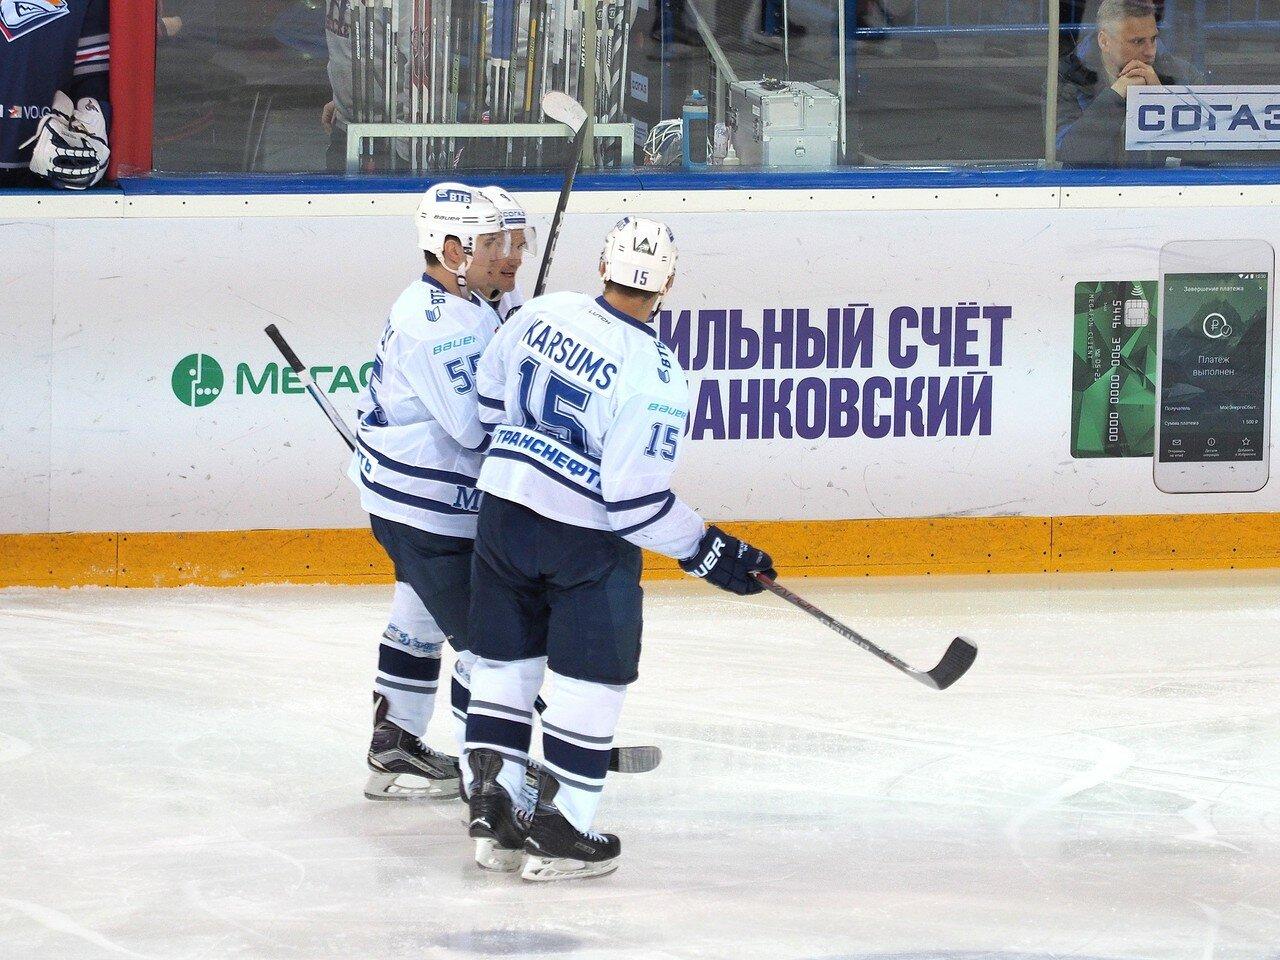 76Металлург - Динамо Москва 21.11.2016